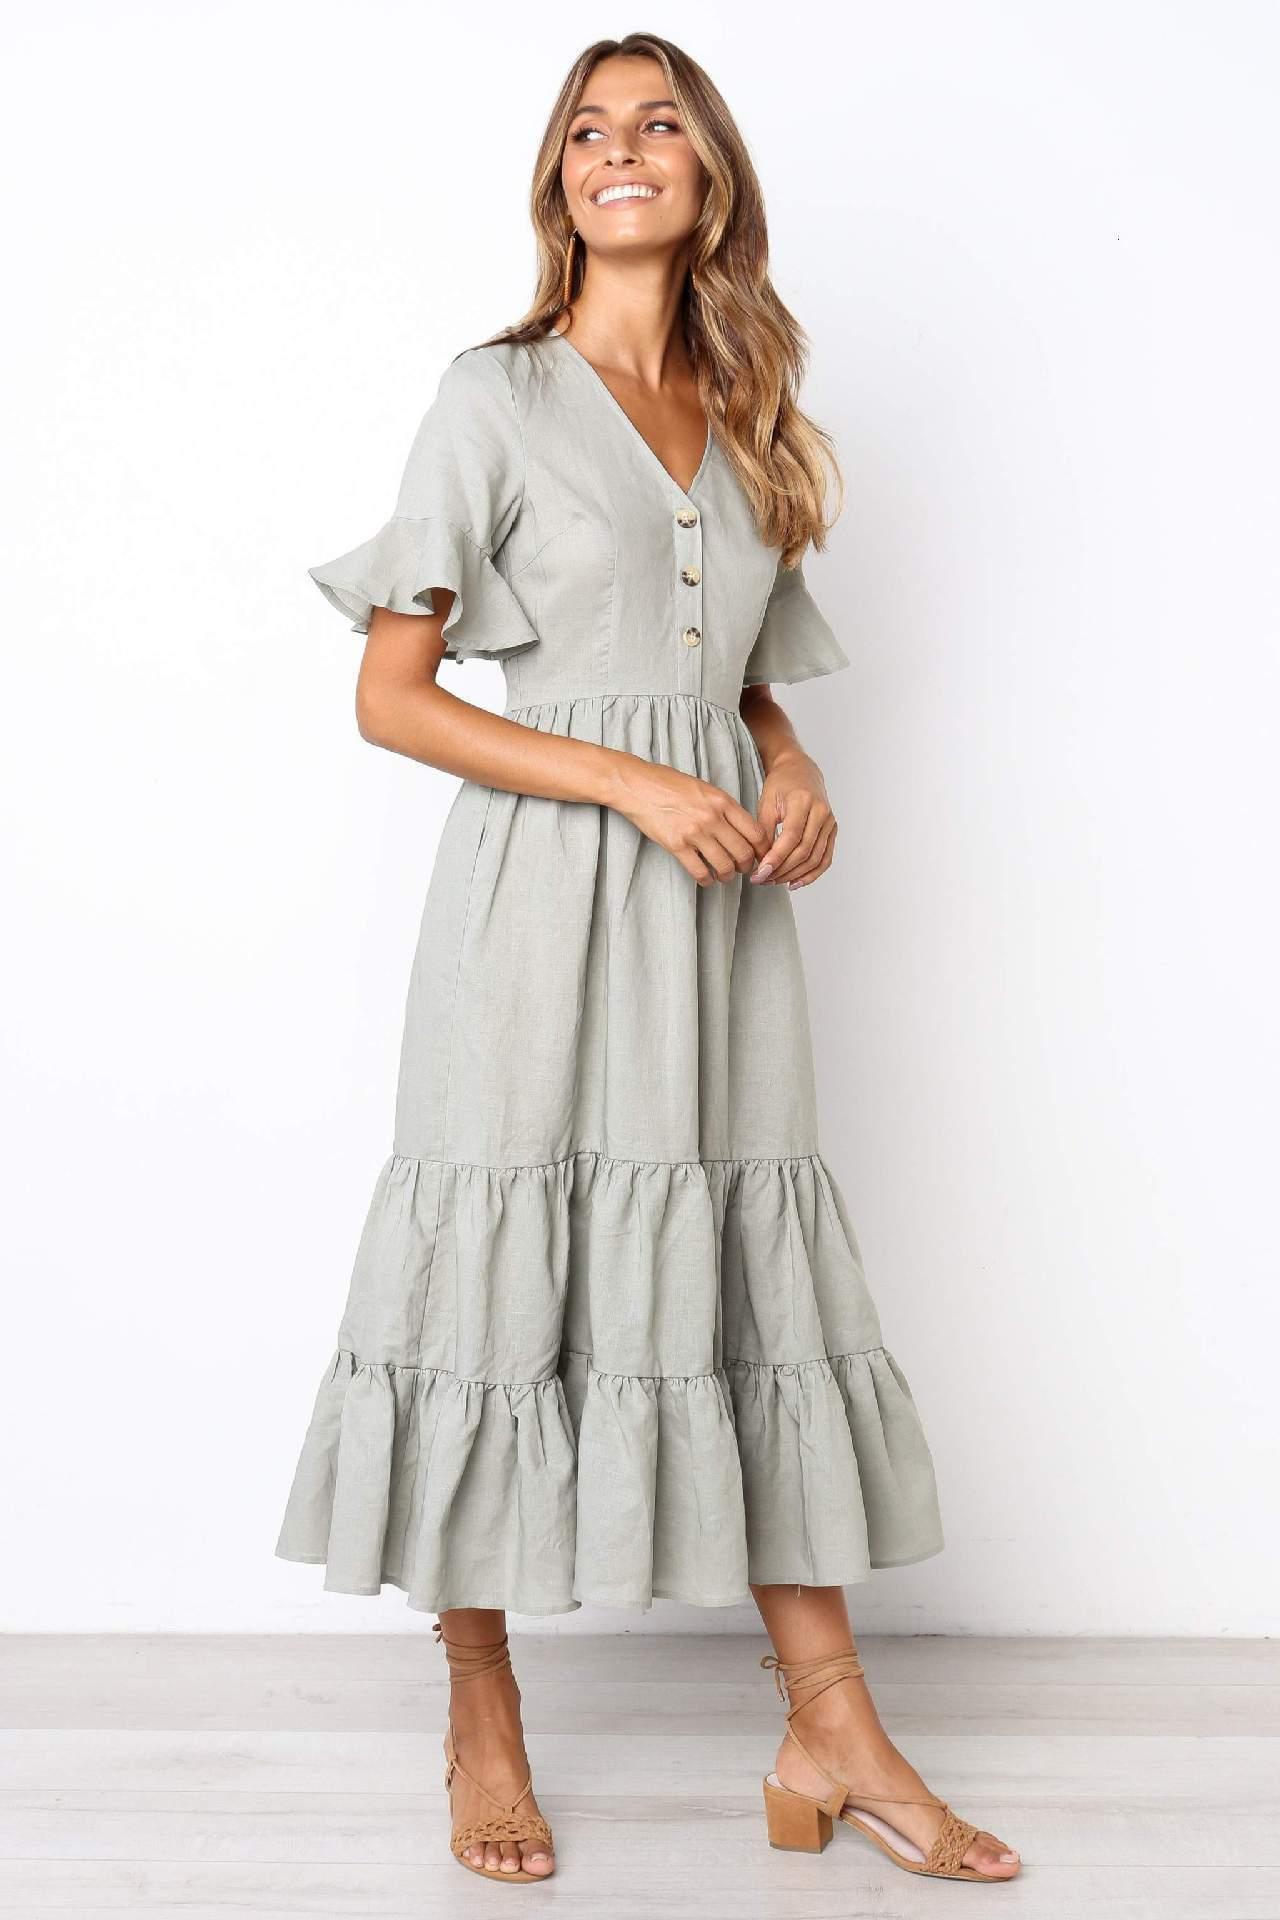 2019 Nagelknopf Sexy V Blei Einfarbig Frauen Kleid Mode Kleidung Damen Kleider Frau